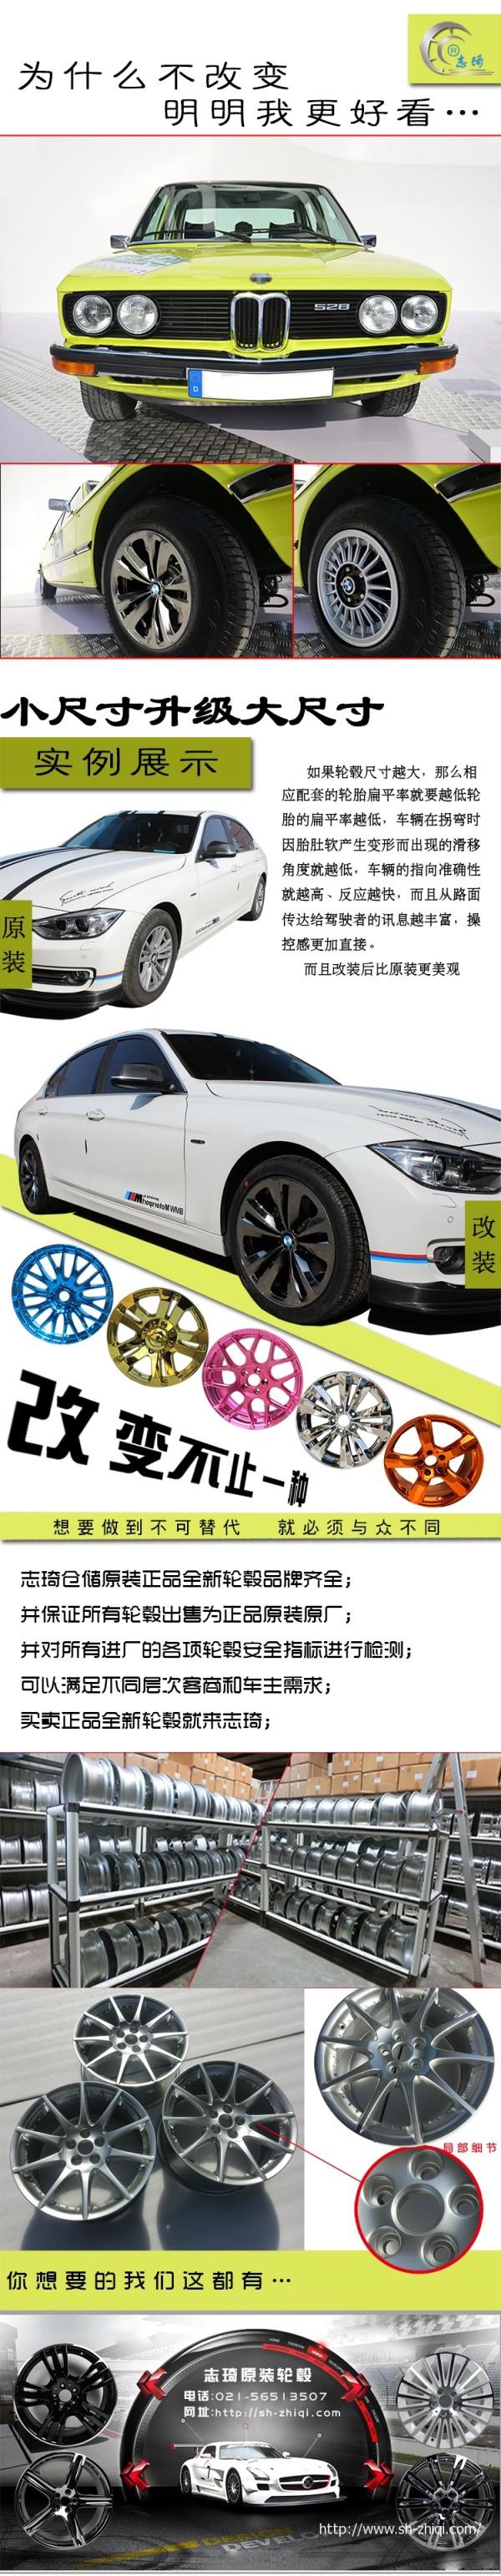 轮毂改装升级该遵循什么原则